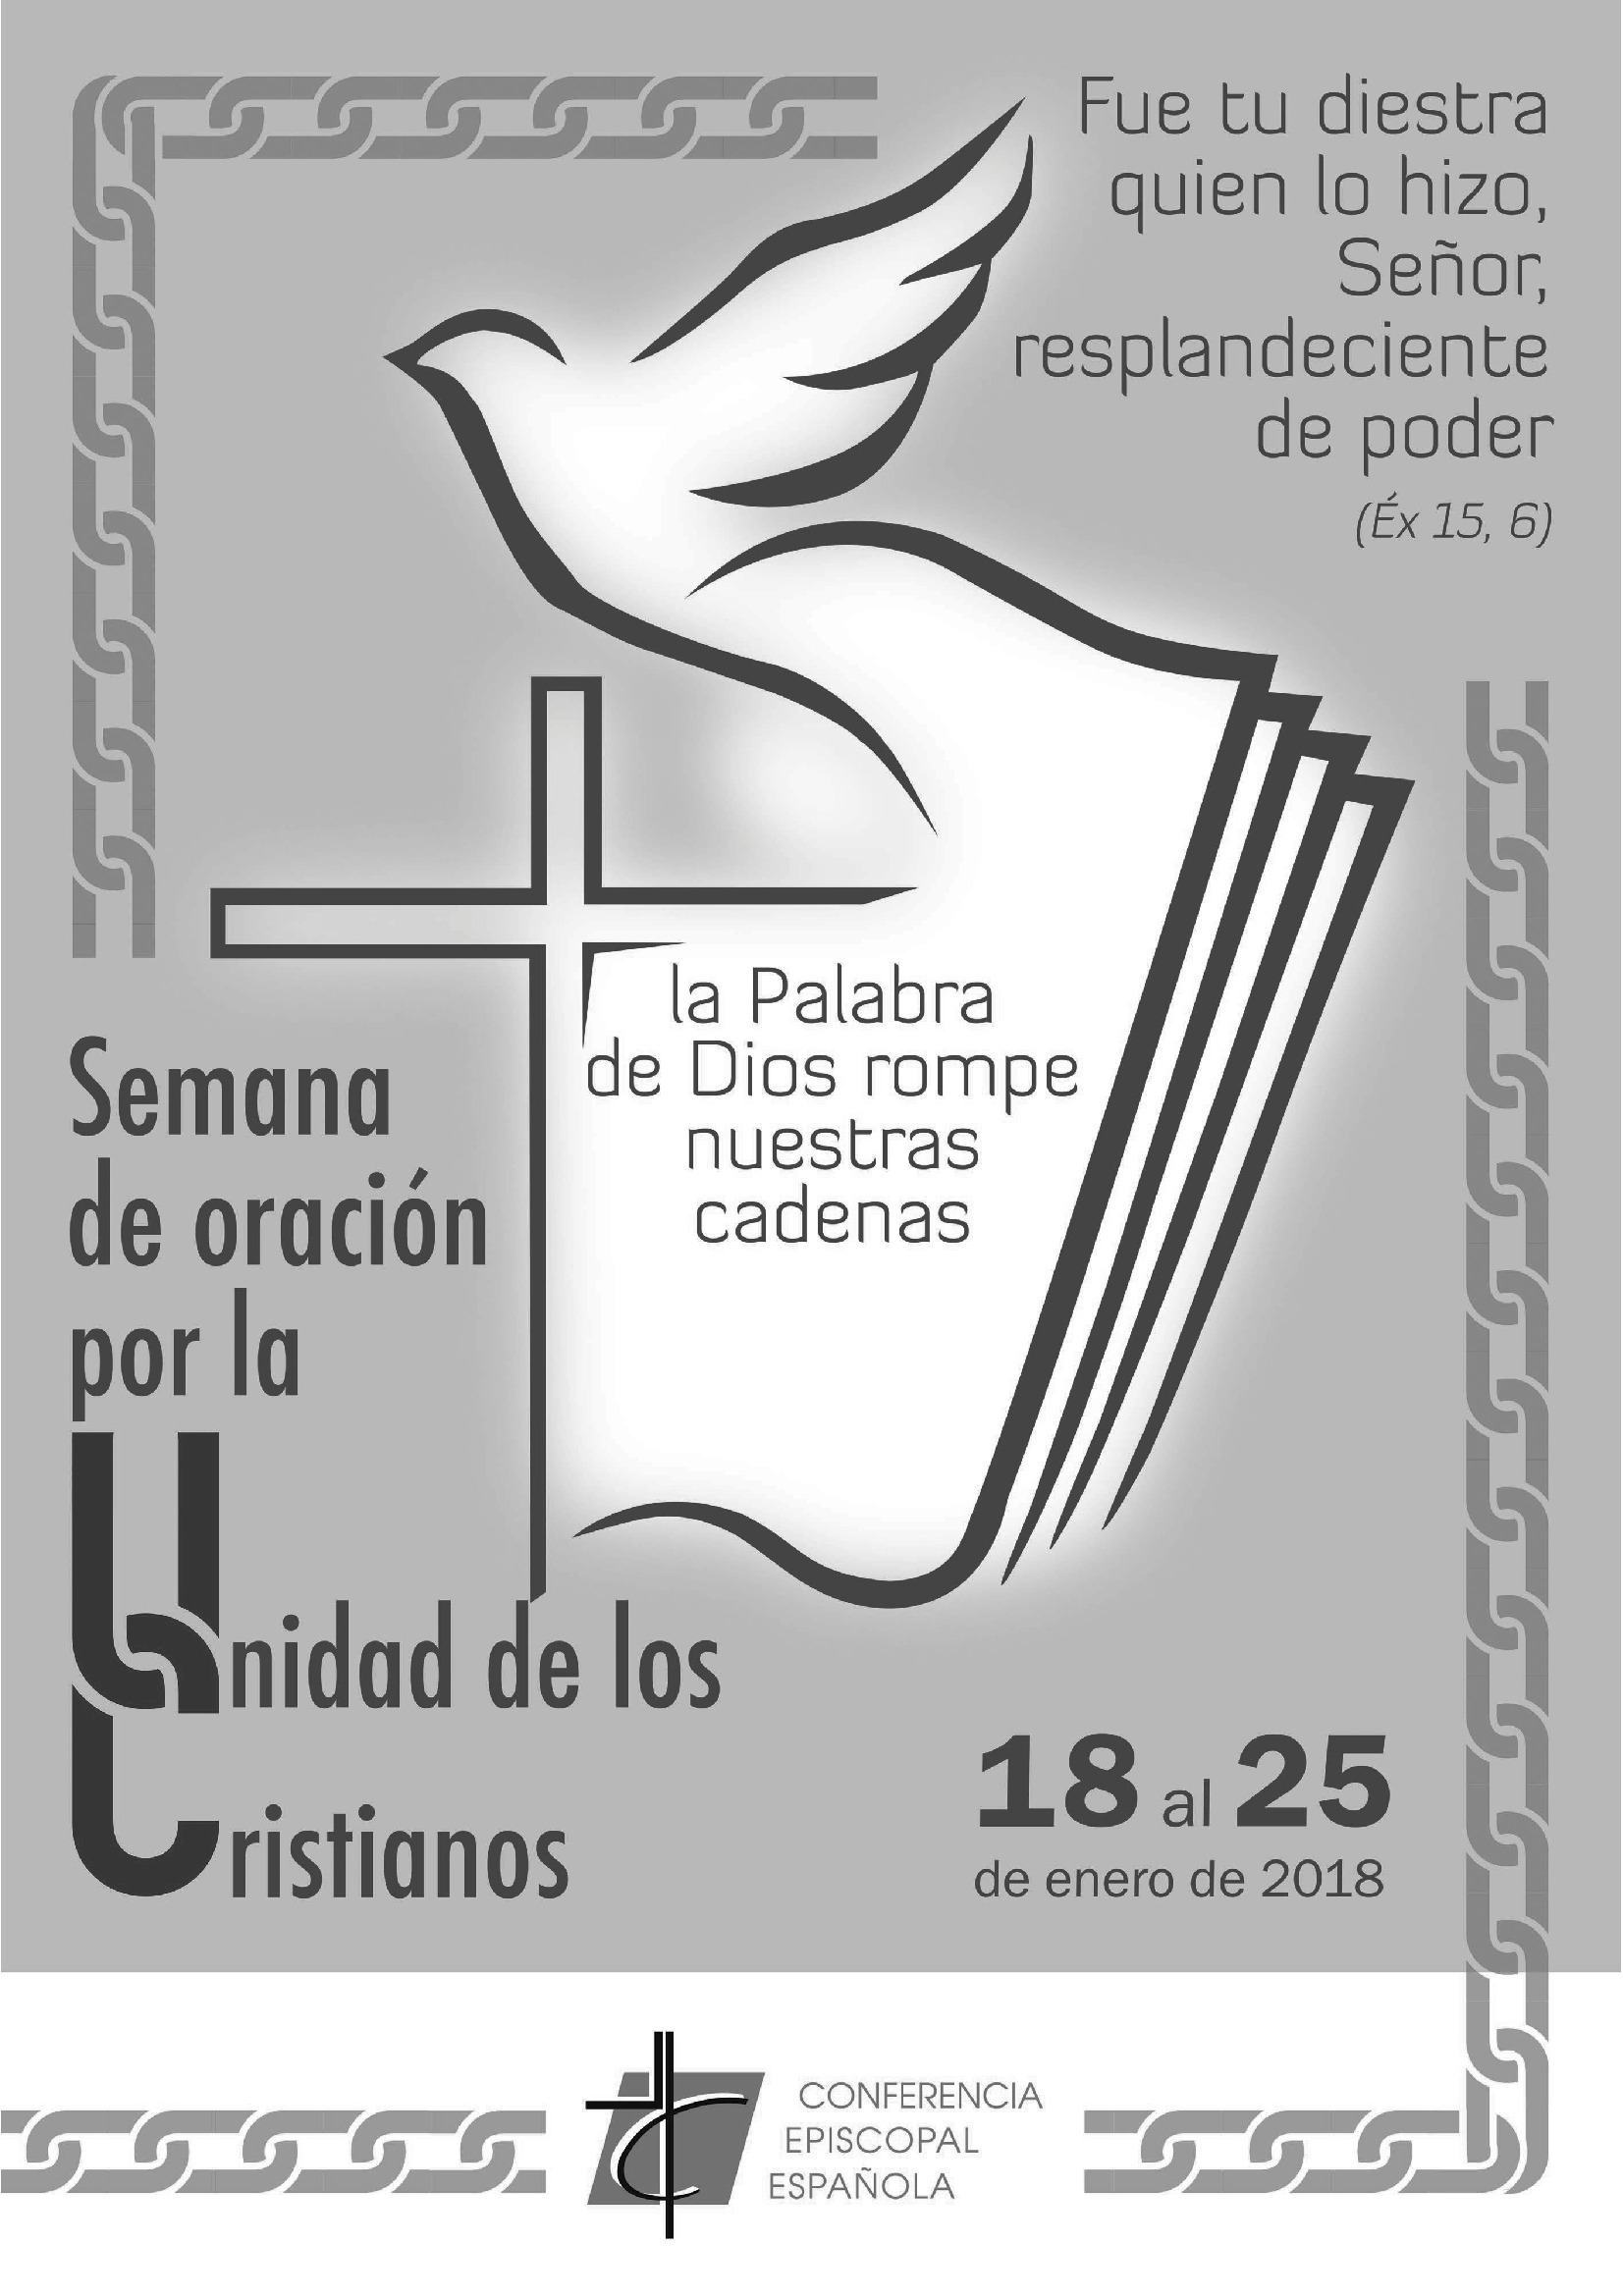 ORACIÓN POR LA UNIDAD DE LOS CRISTIANOS